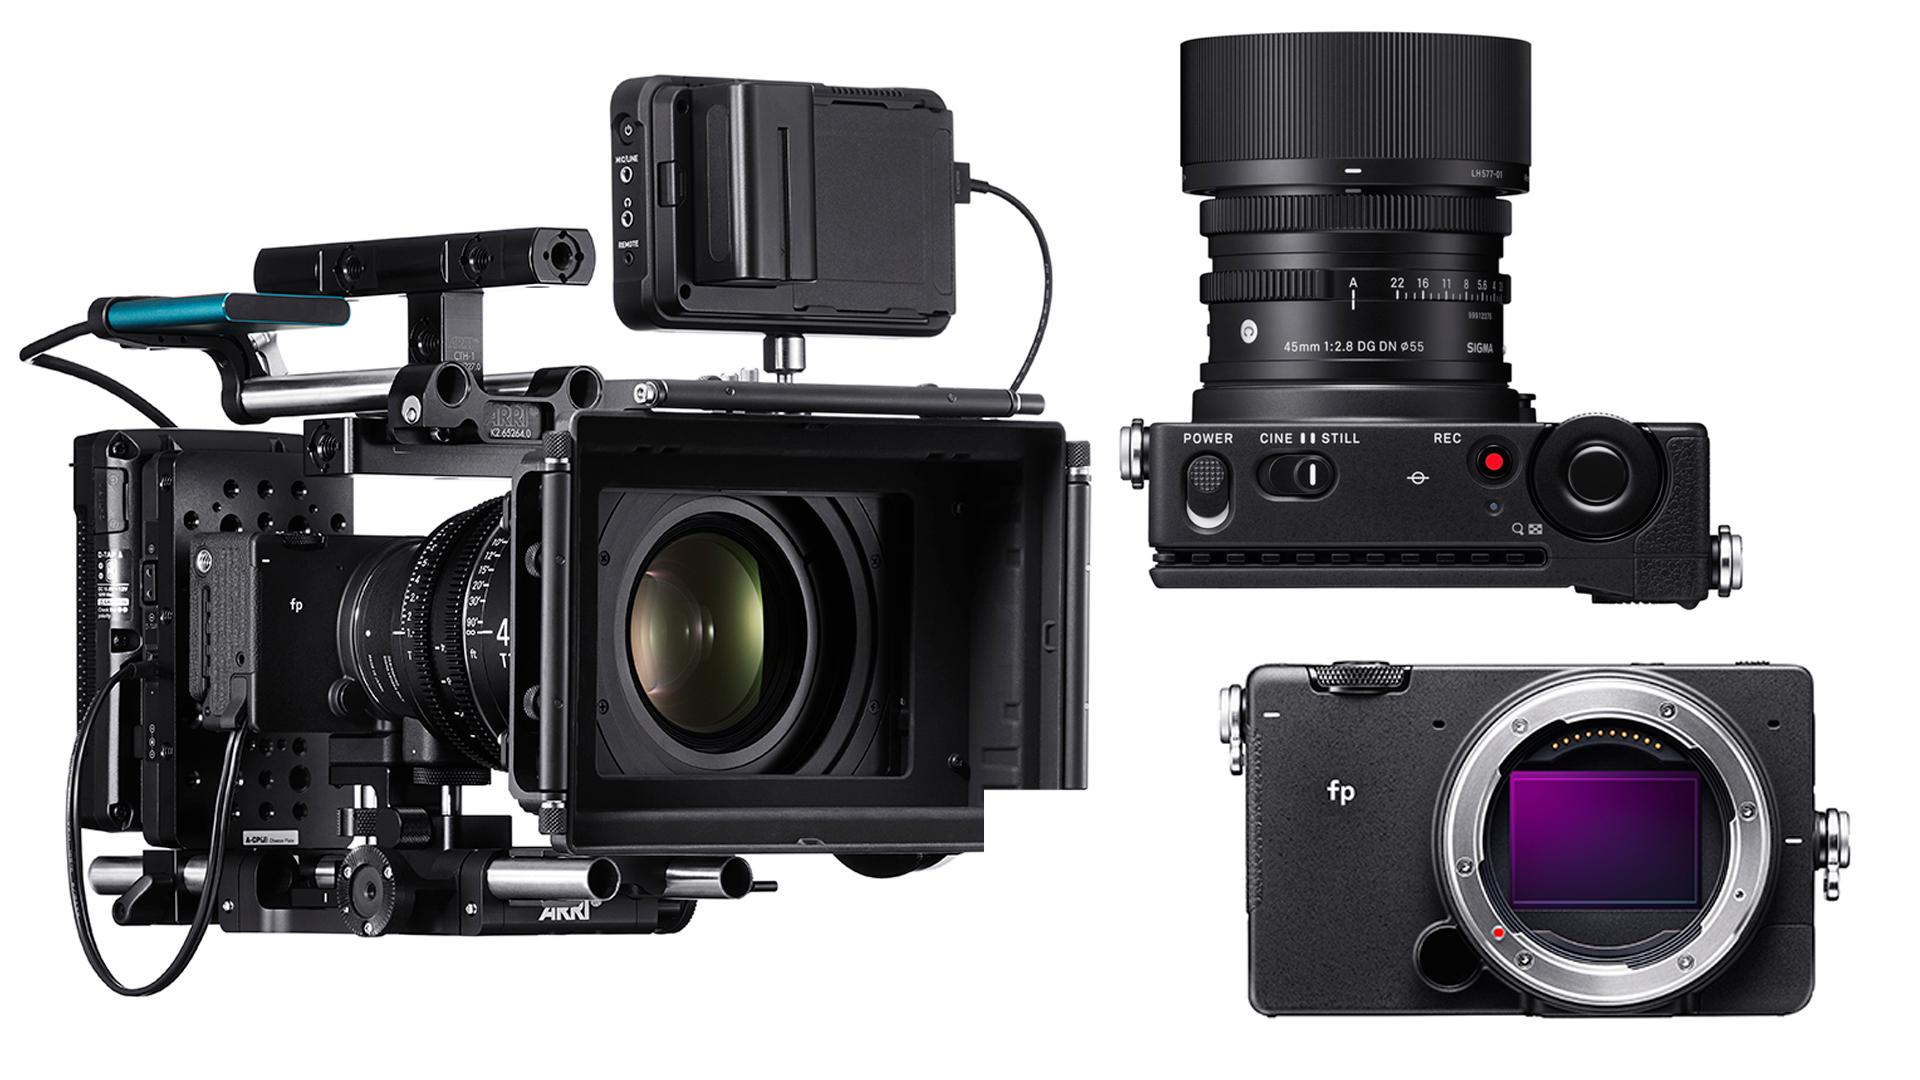 Revelan el precio de la SIGMA fp - una cámara full frame con capacidades RAW por debajo de los $ 2.000